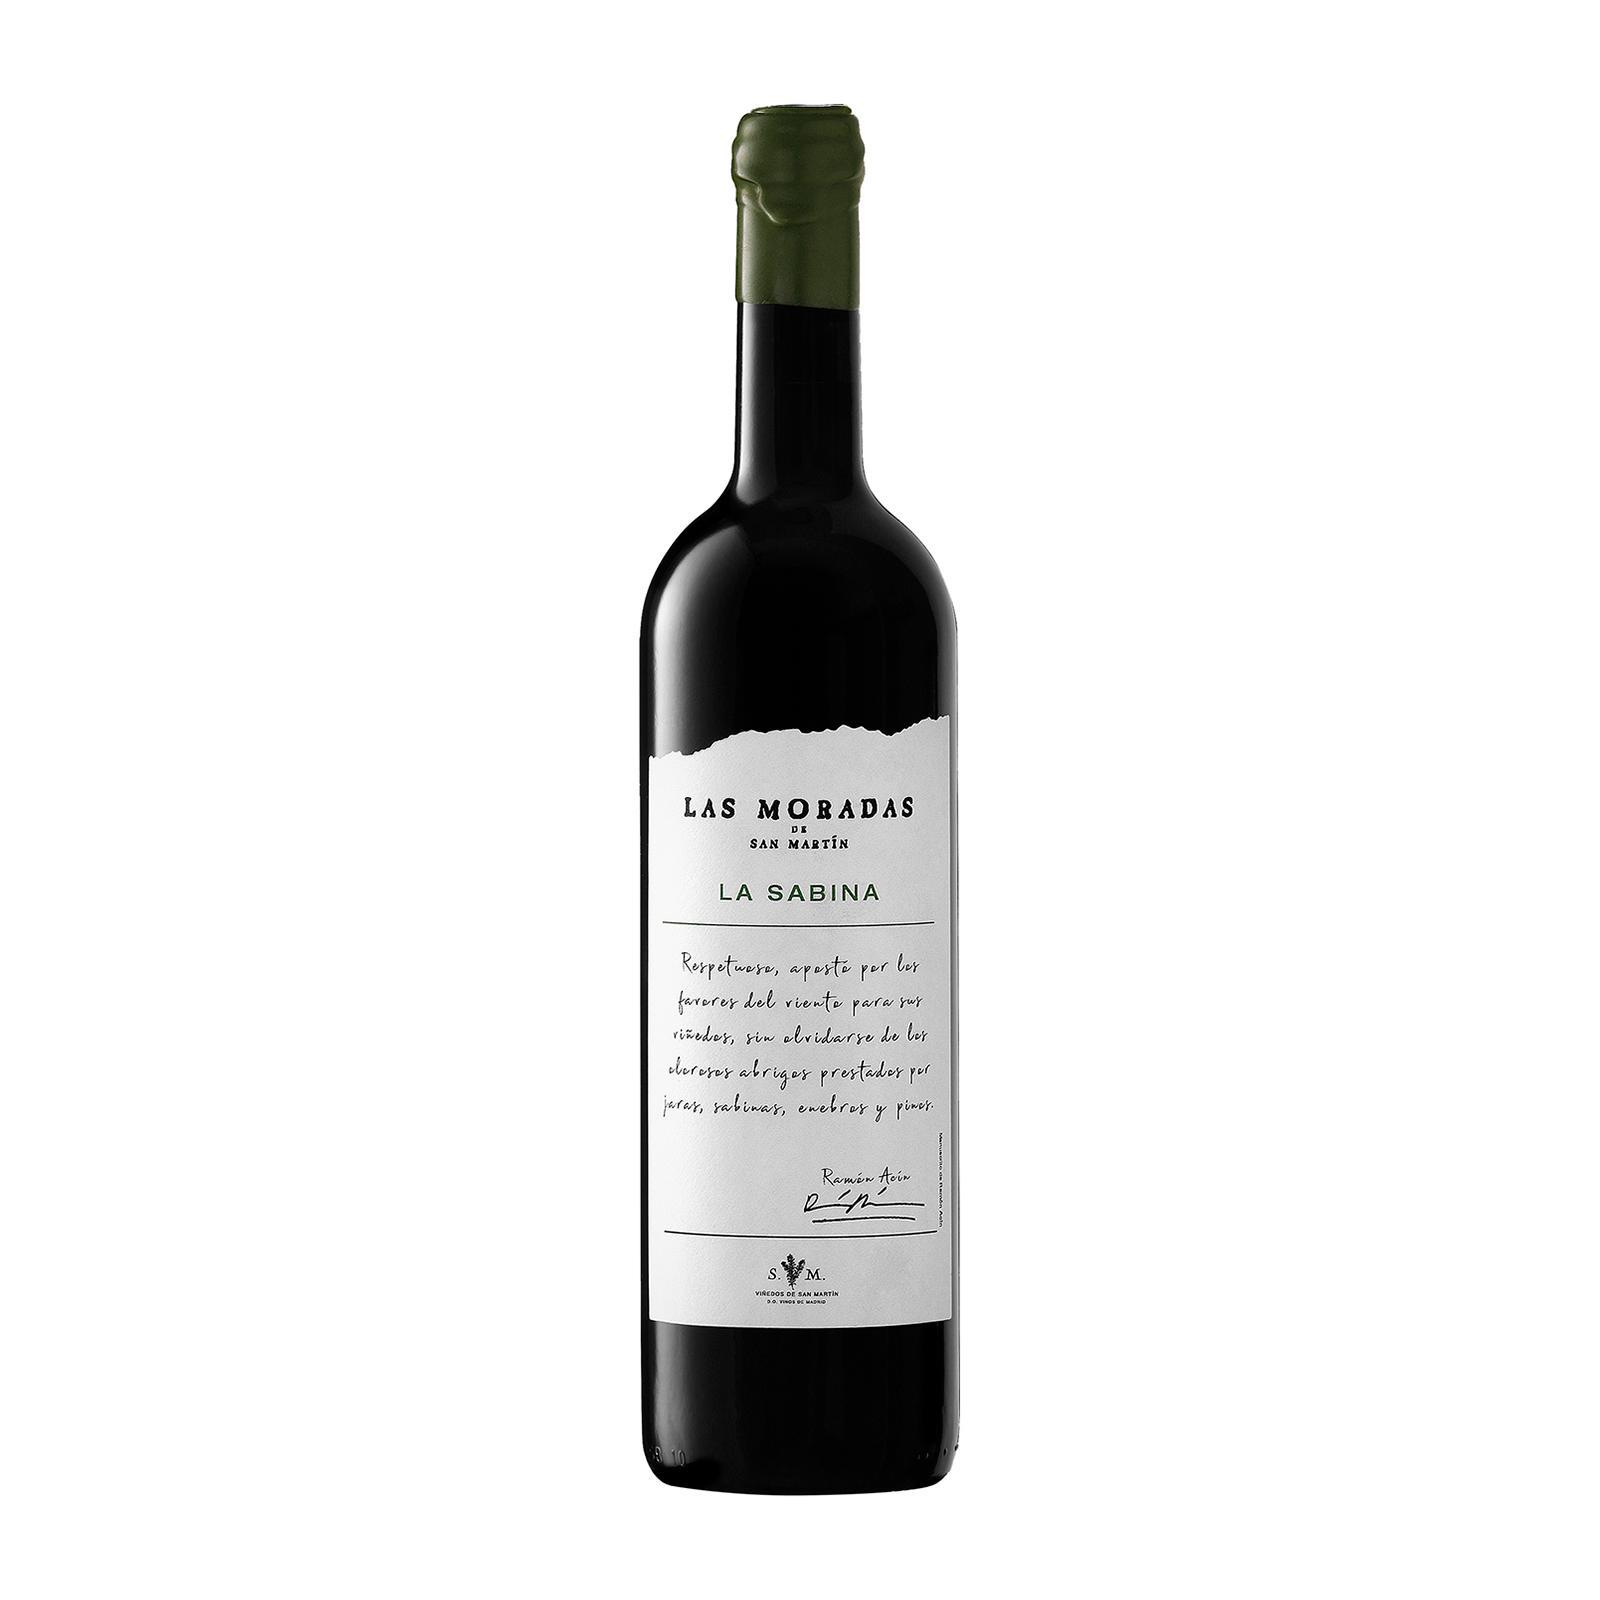 Las Moradas La Sabina 2011 Spanish Wine - By TANINOS